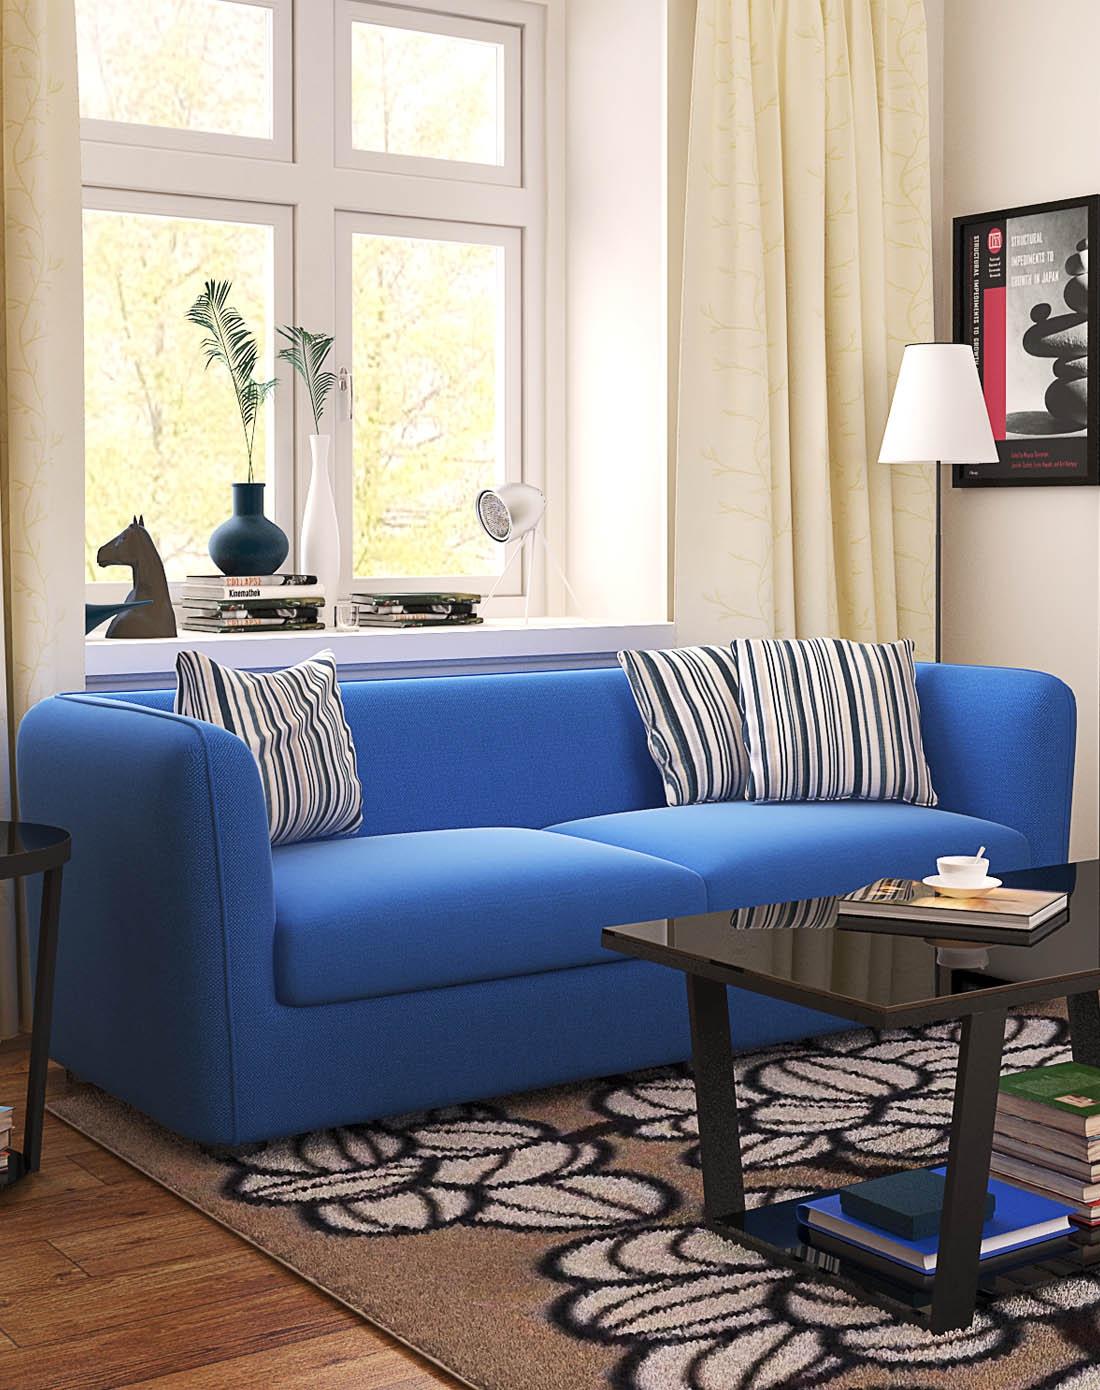 潮土creatwo家具时尚浪漫地中海风蓝色沙发